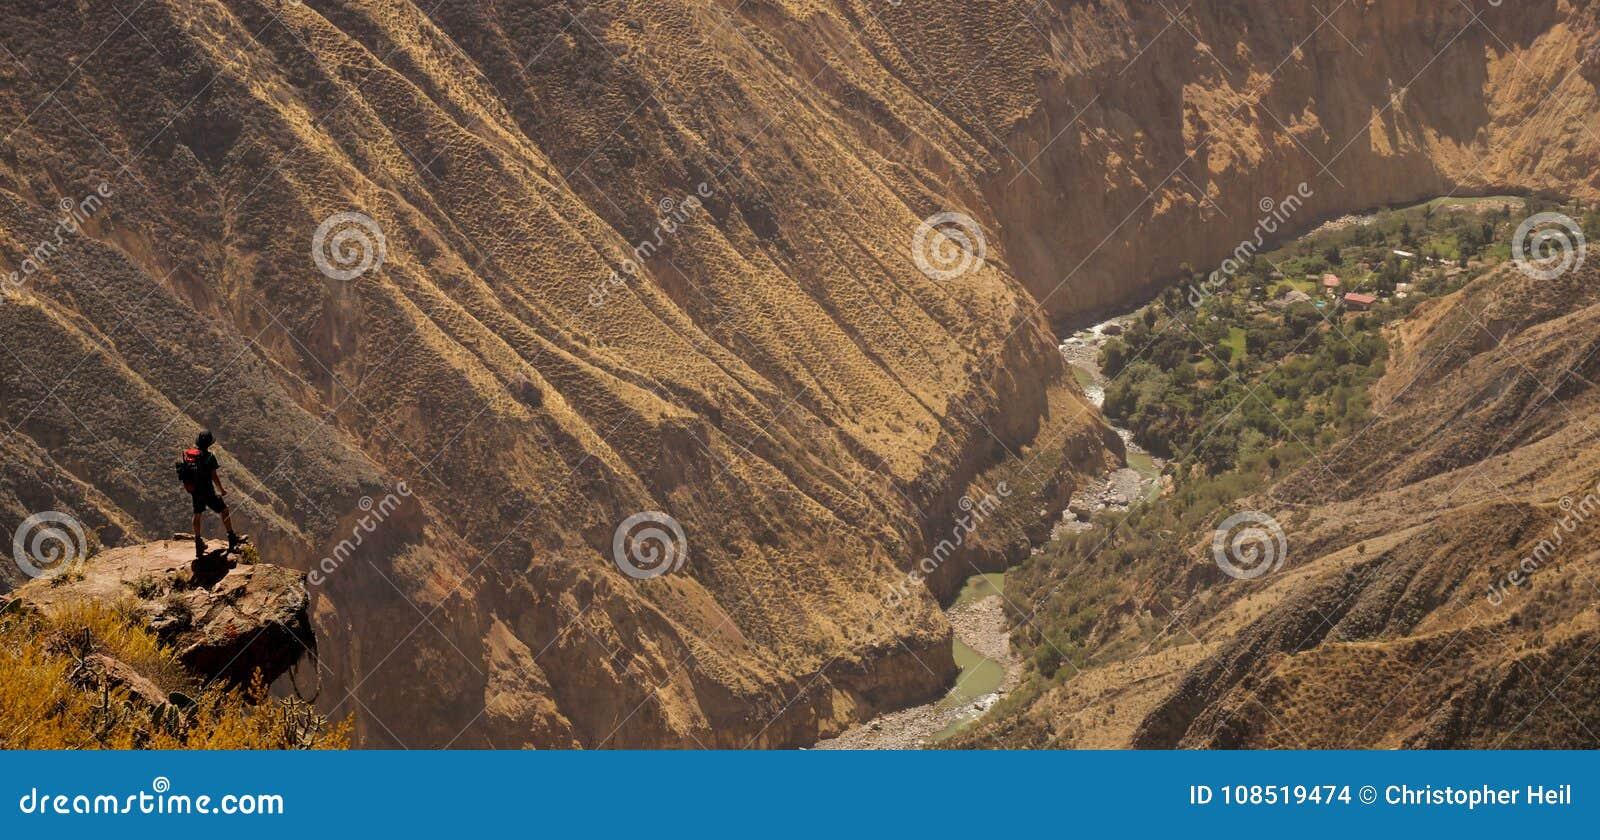 Sceniczny widok nad Colca jarem, Peru